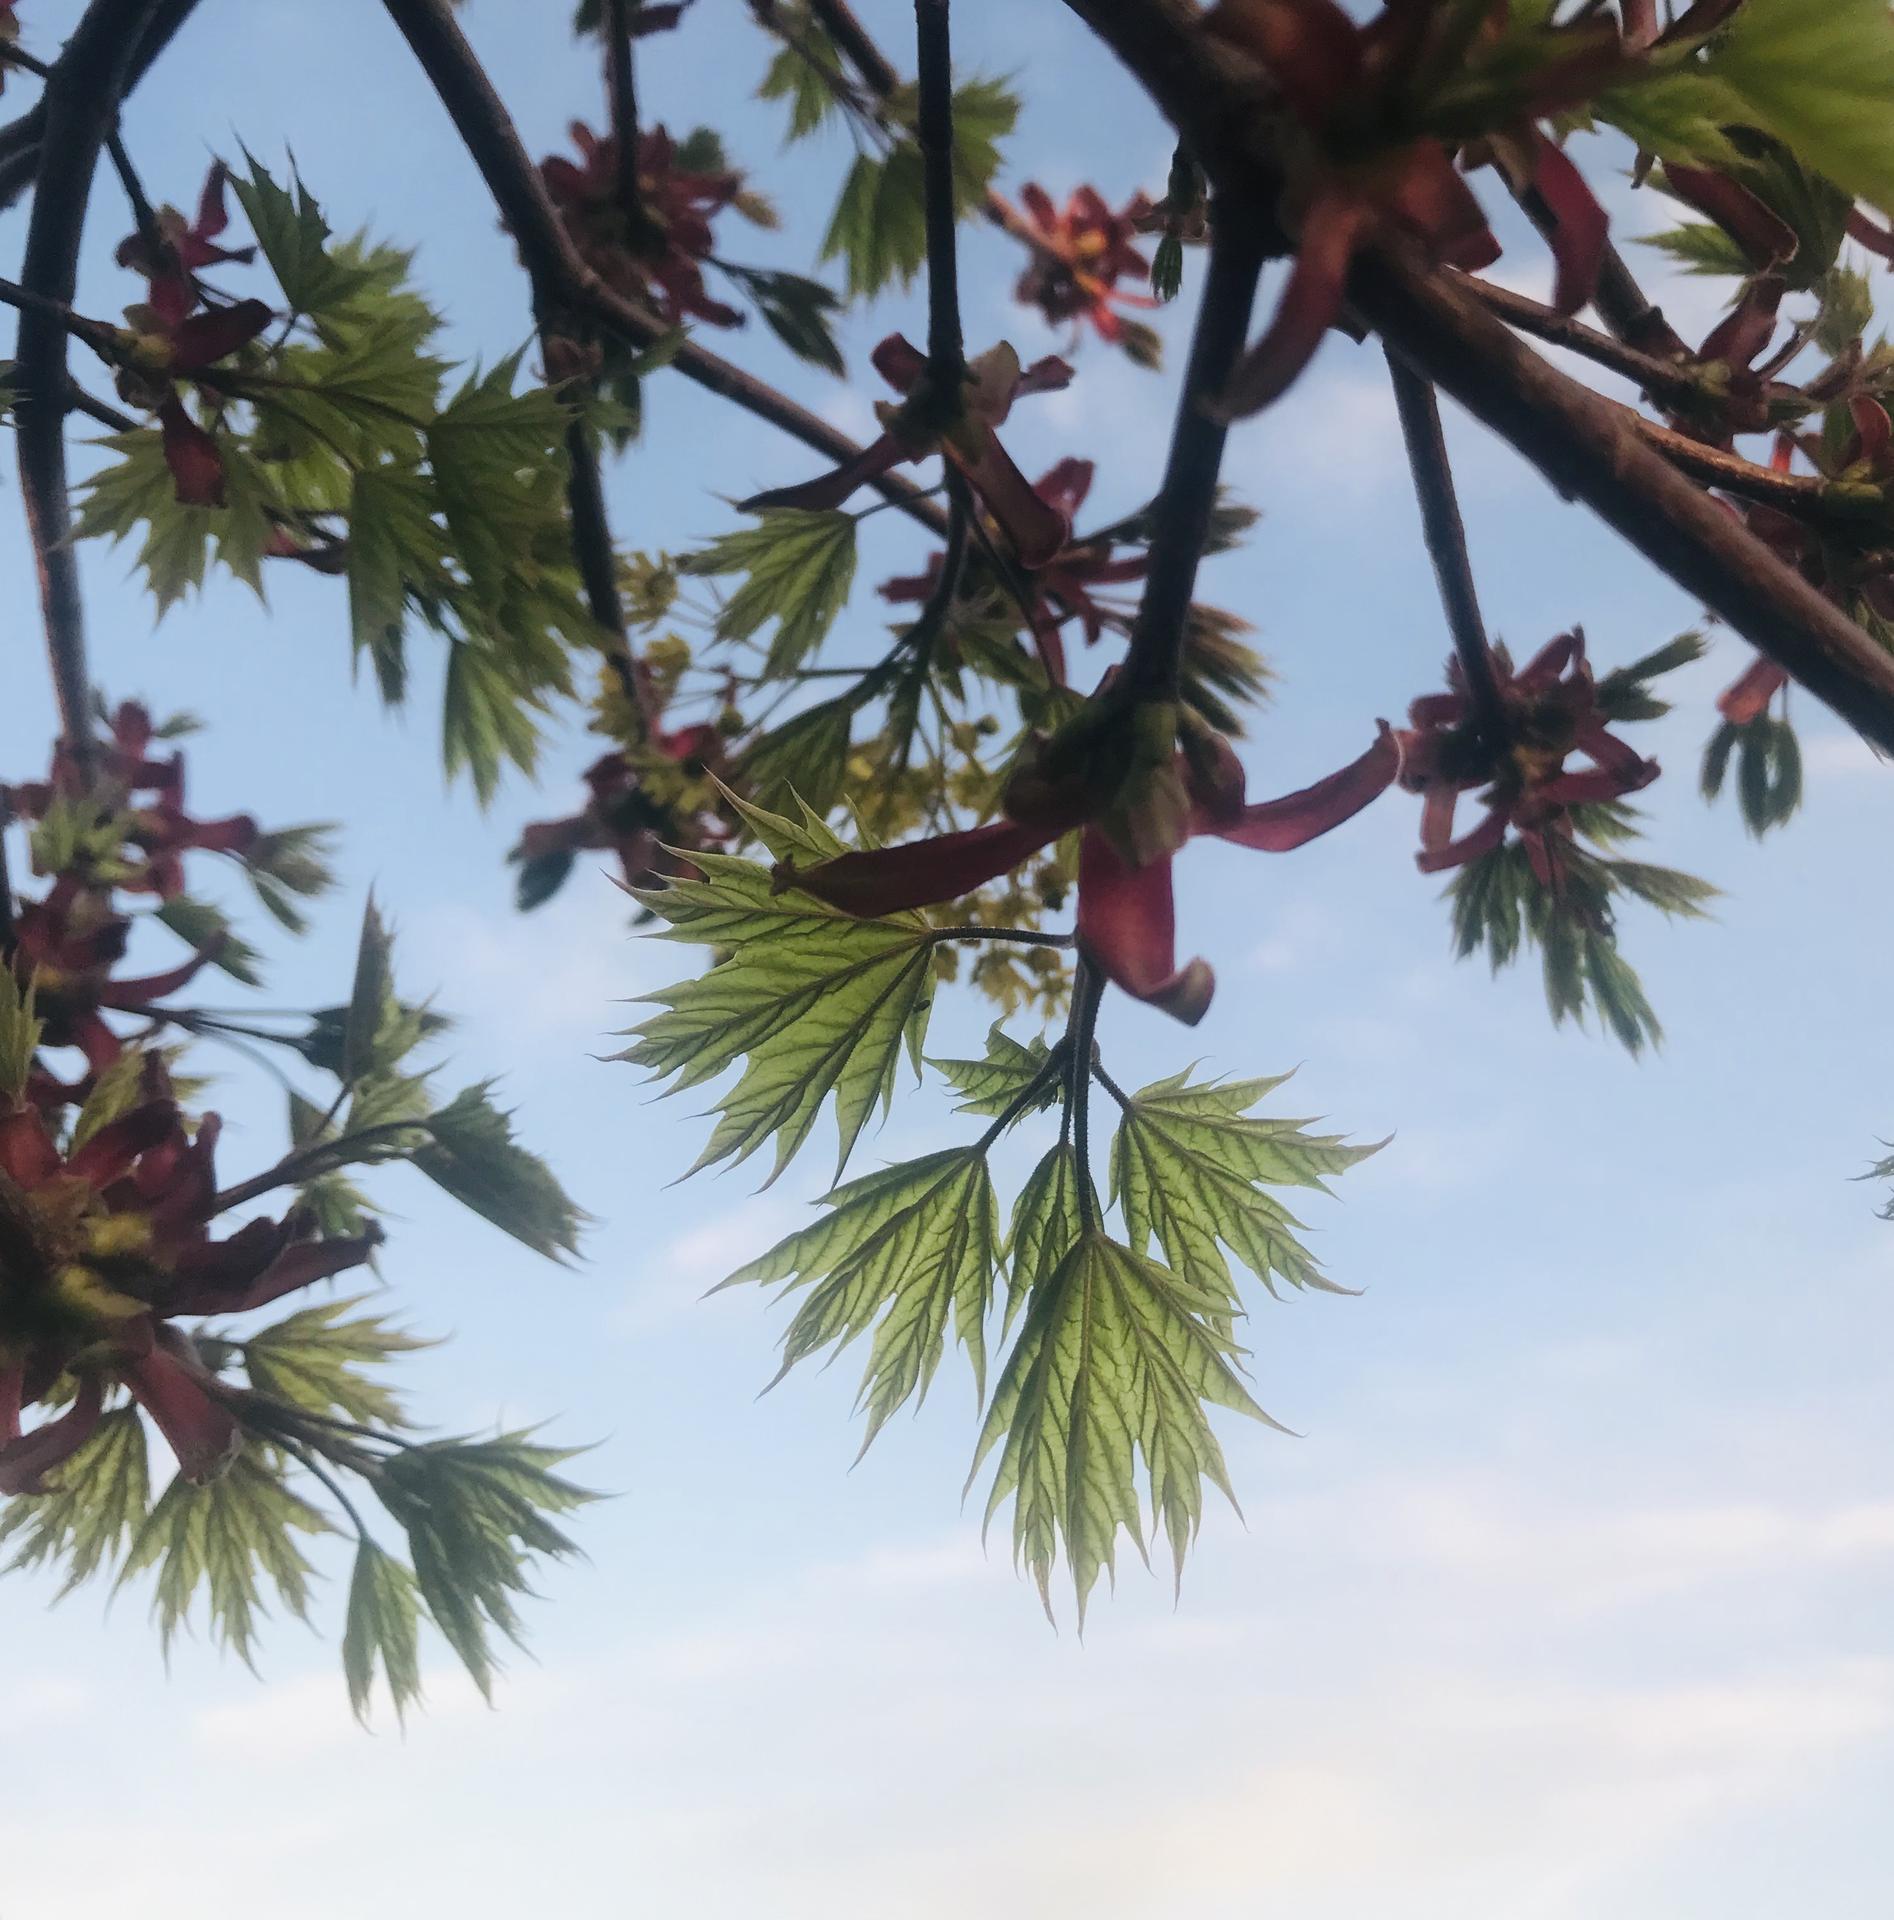 Naše barevná zahrada 🌸 - Nové listy javoru 🤗